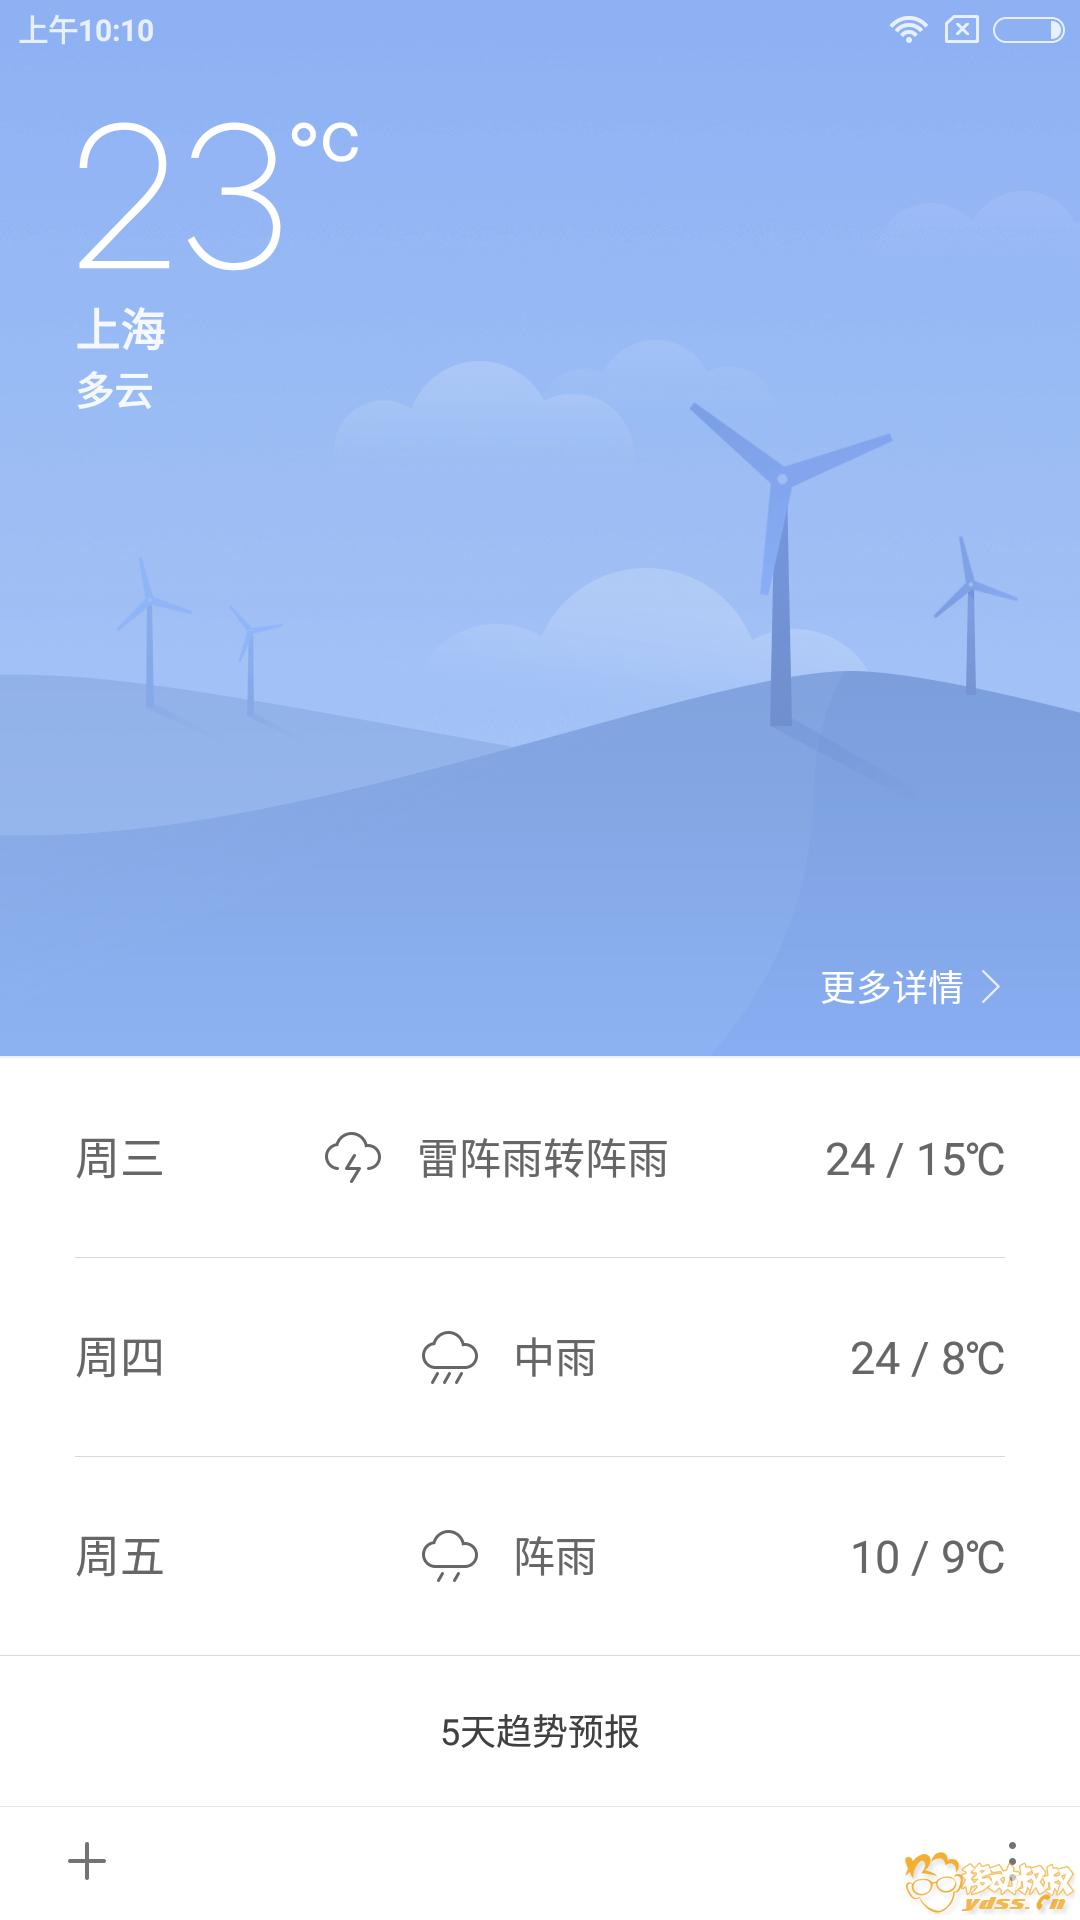 Screenshot_2018-03-14-10-10-20-321_com.miui.weather2.png